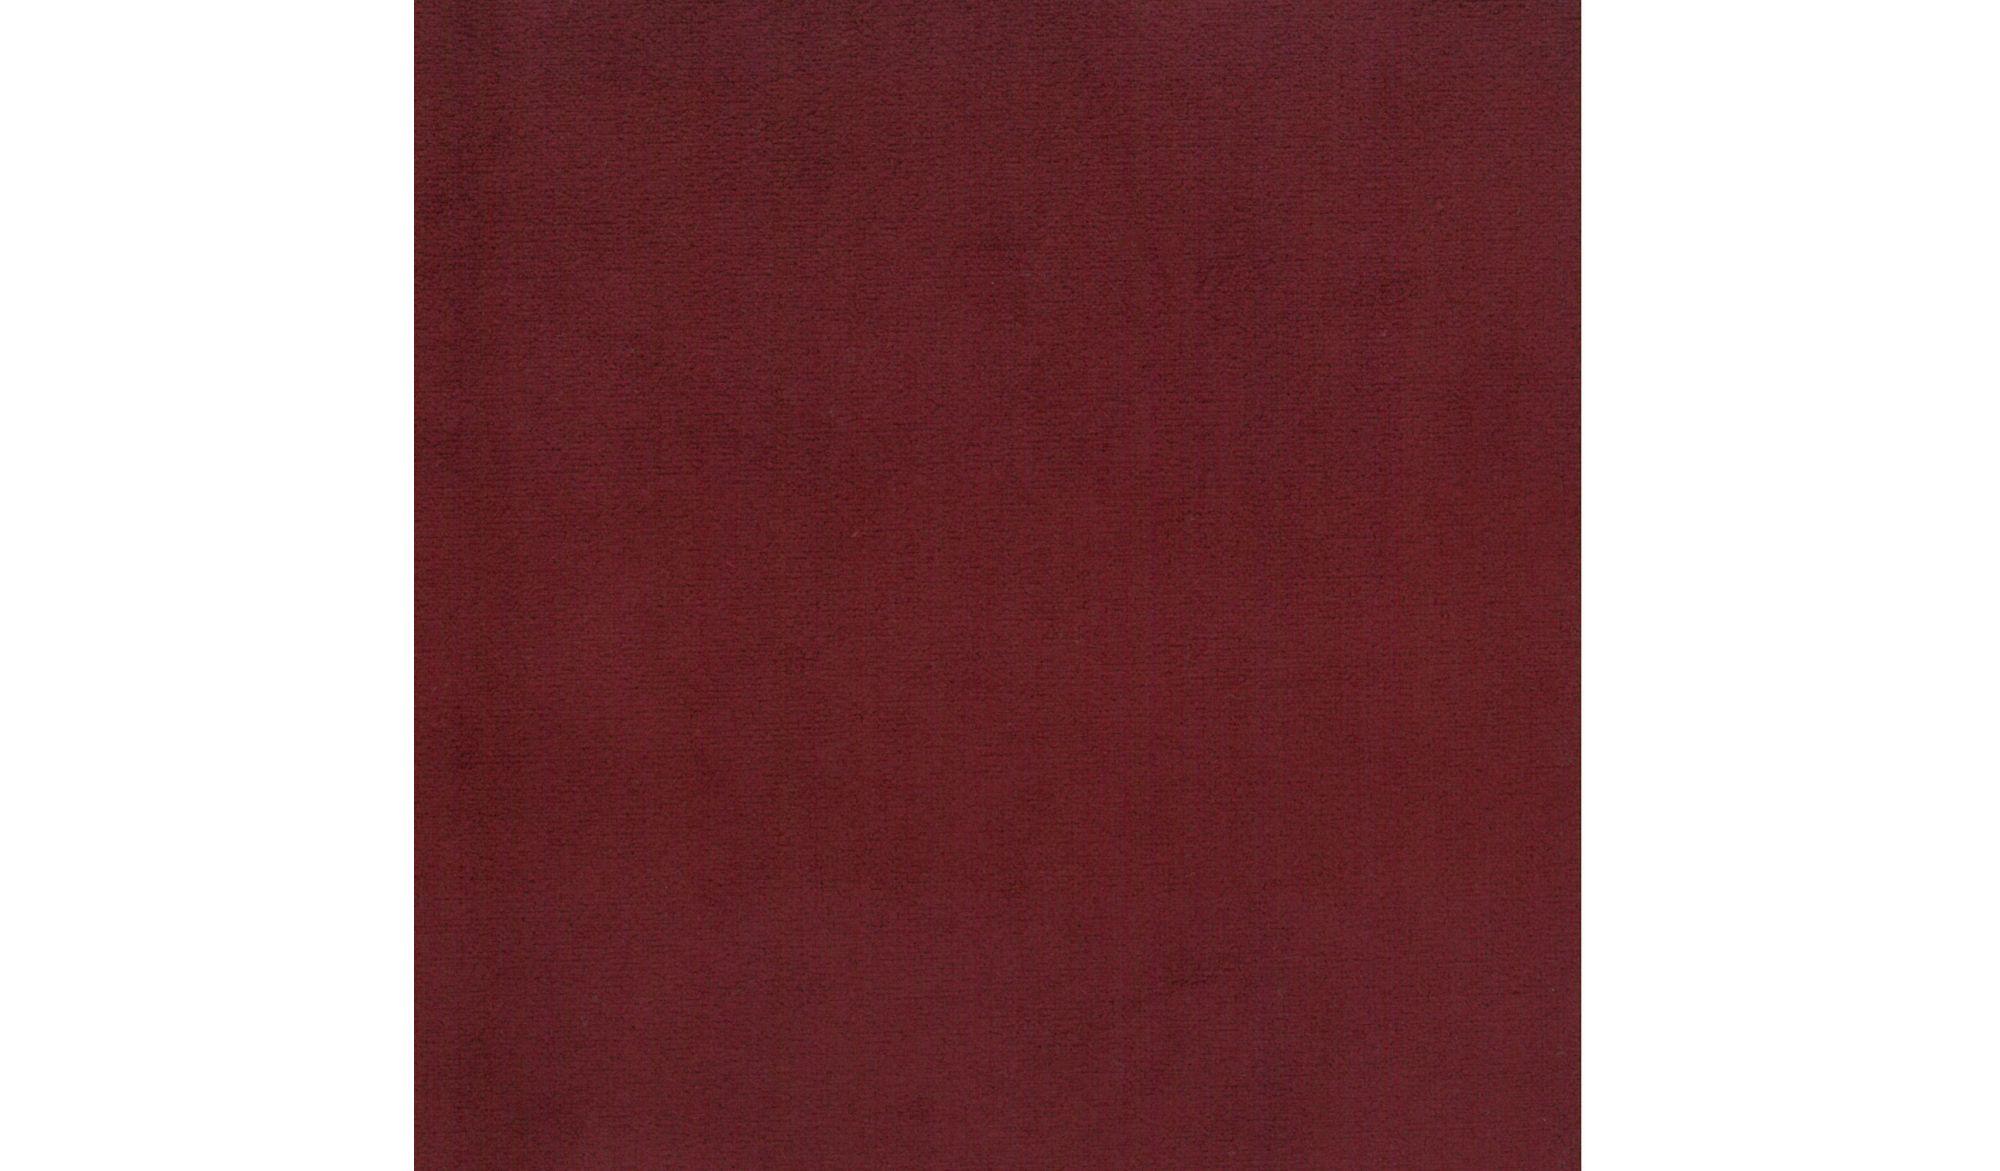 SCOT Vino-02